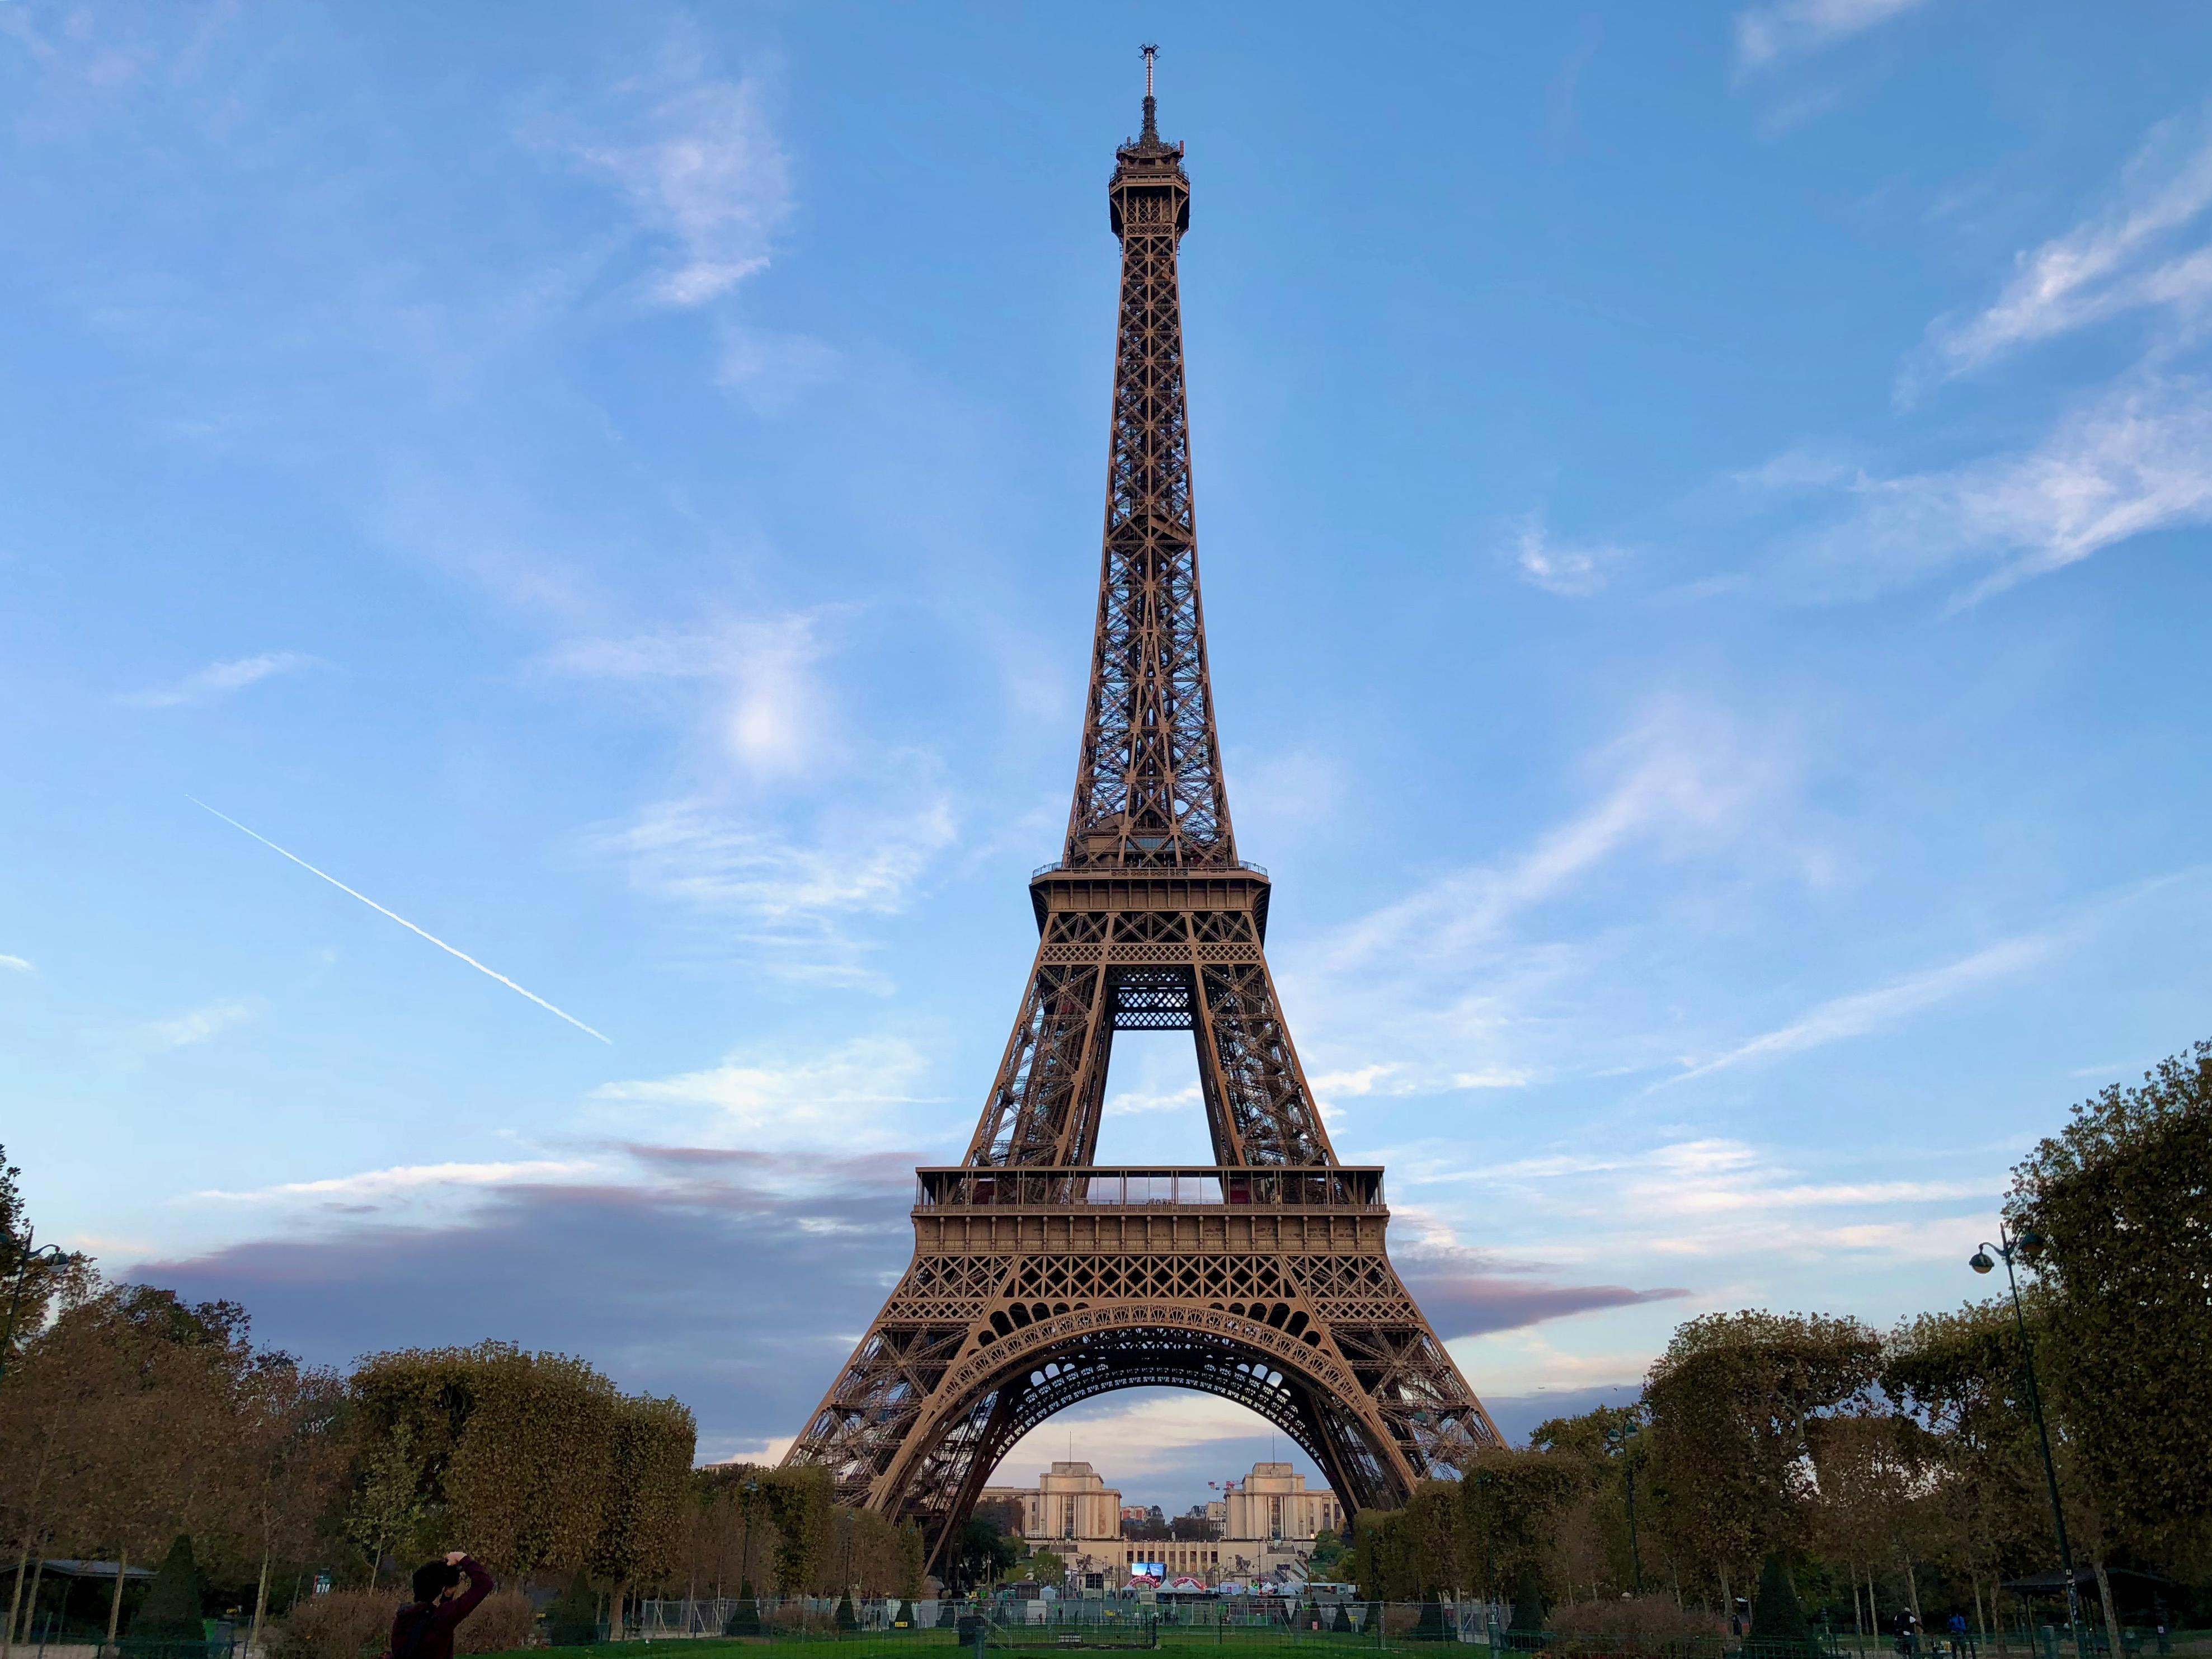 Turnul Eiffel a fost redeschis vineri, după 8 luni de la închiderea sa din cauza pandemiei de Covid-19